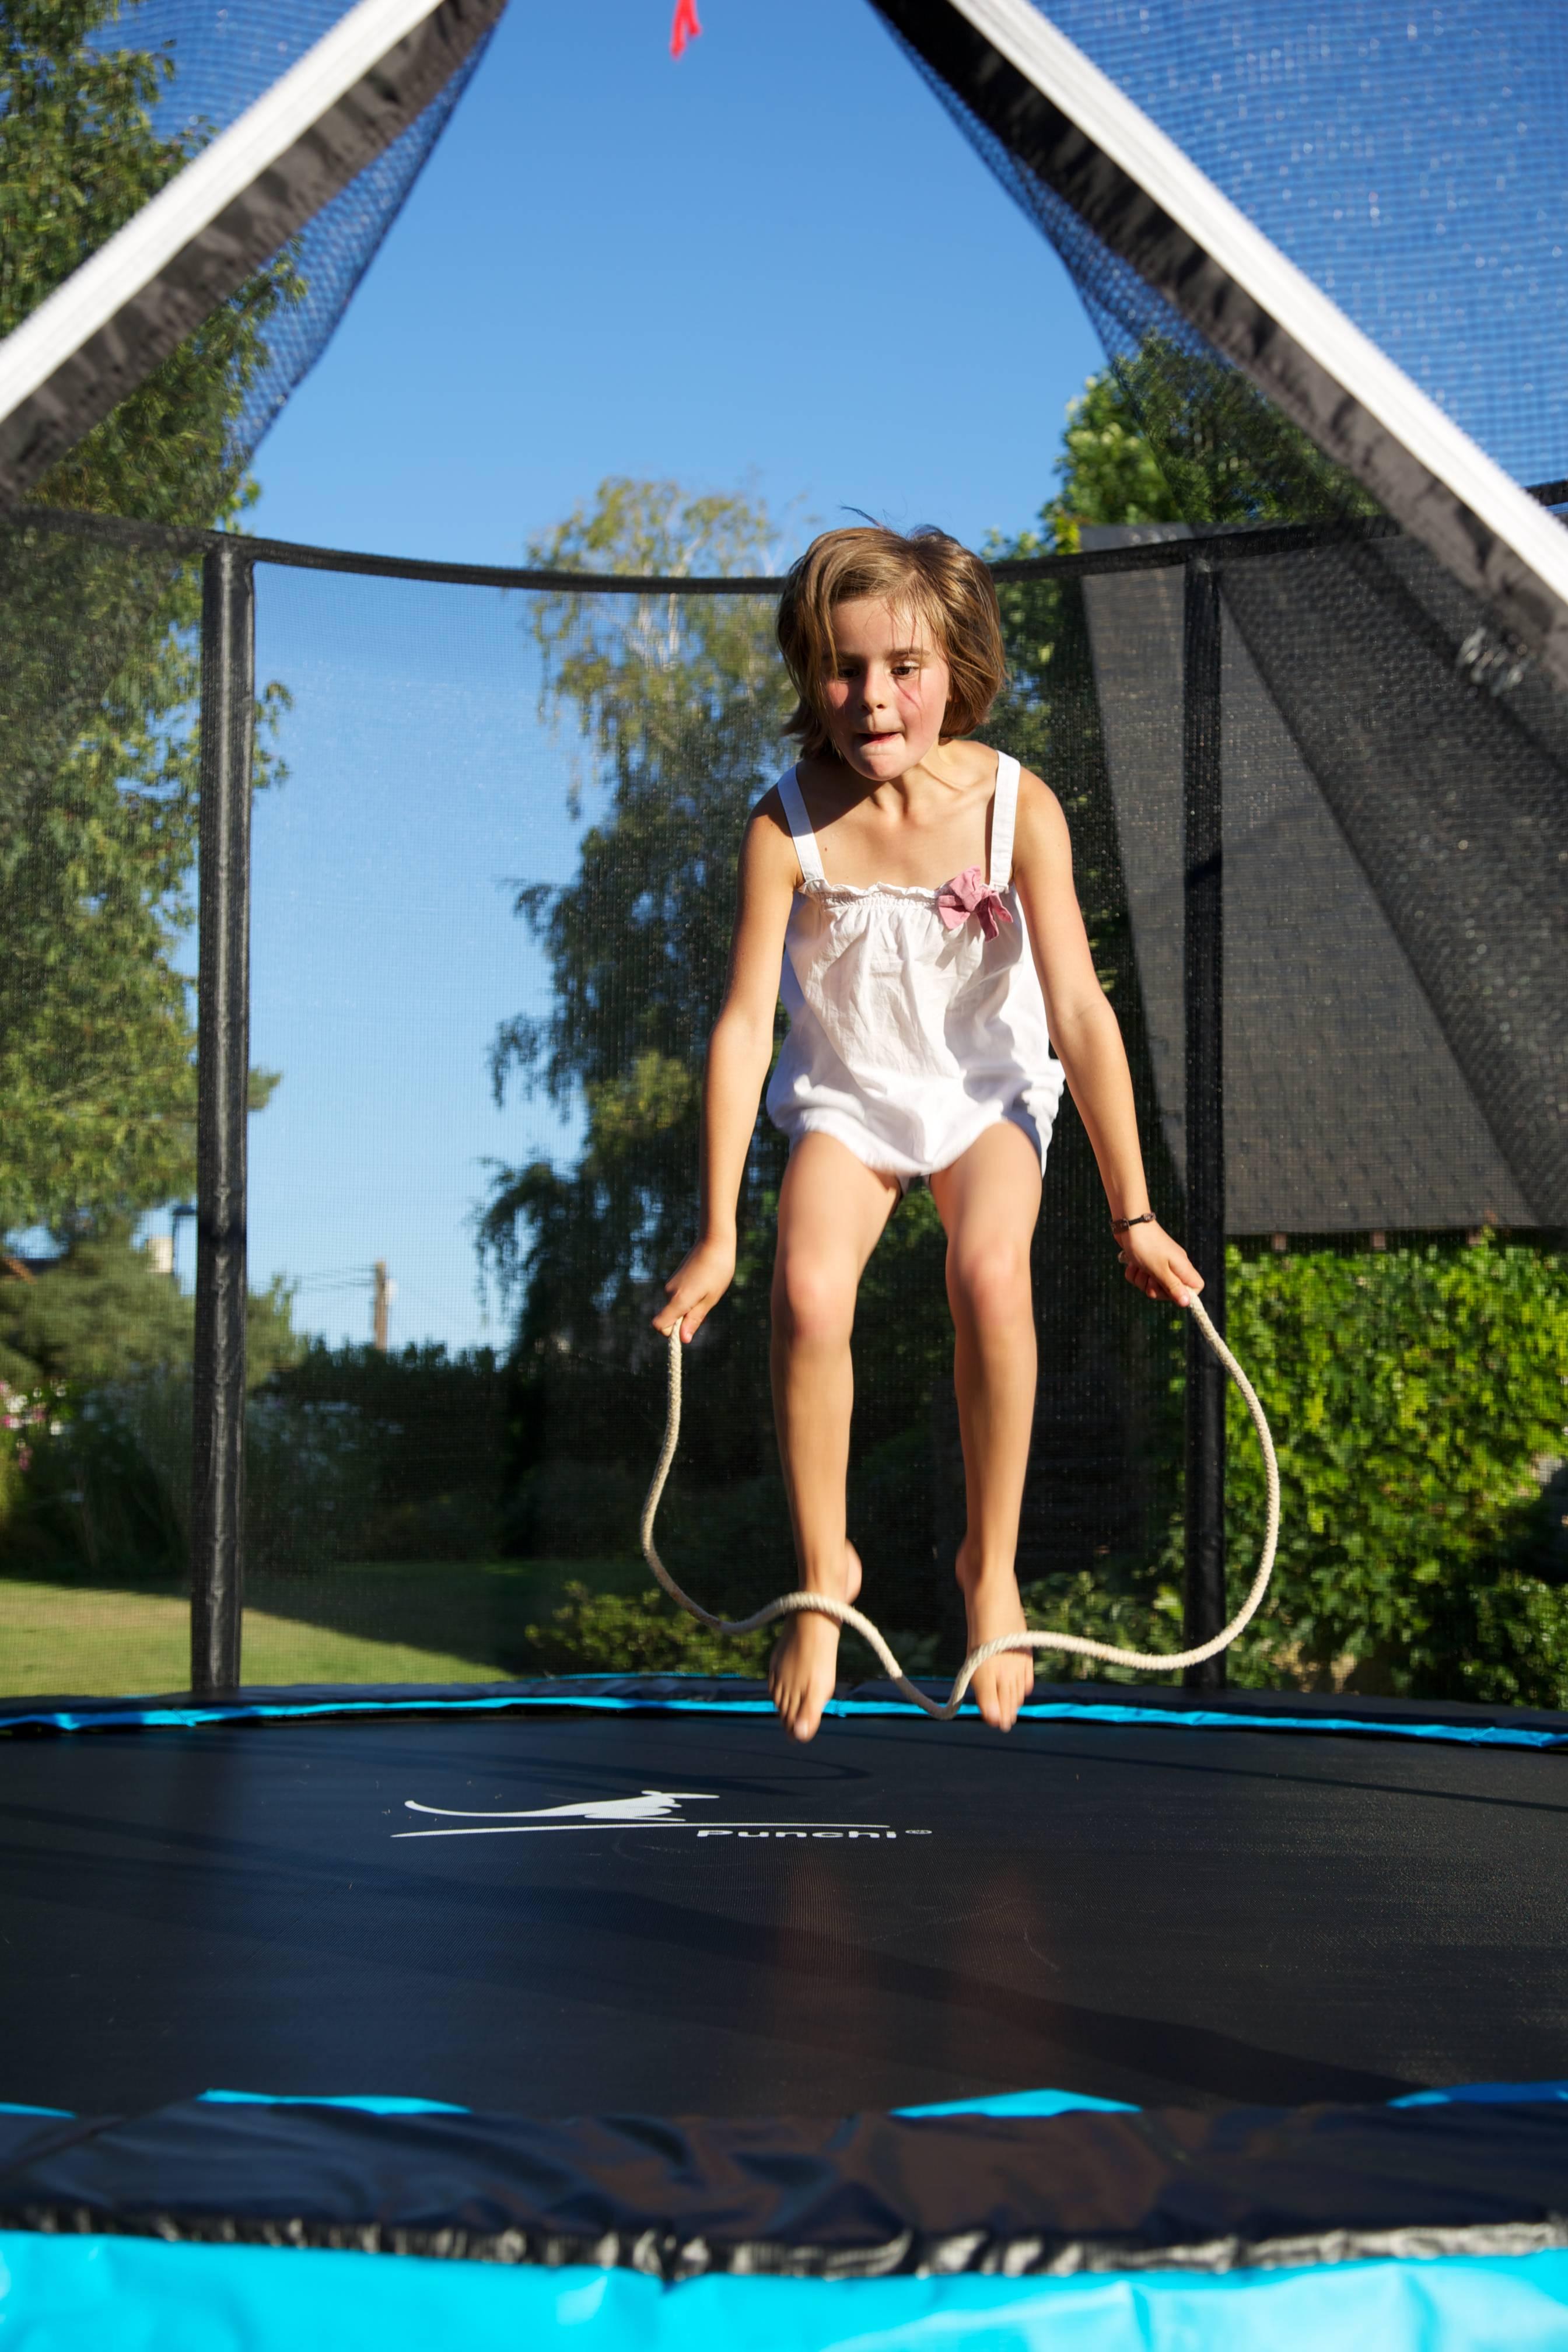 enfant faisant du sport avec un trampoline